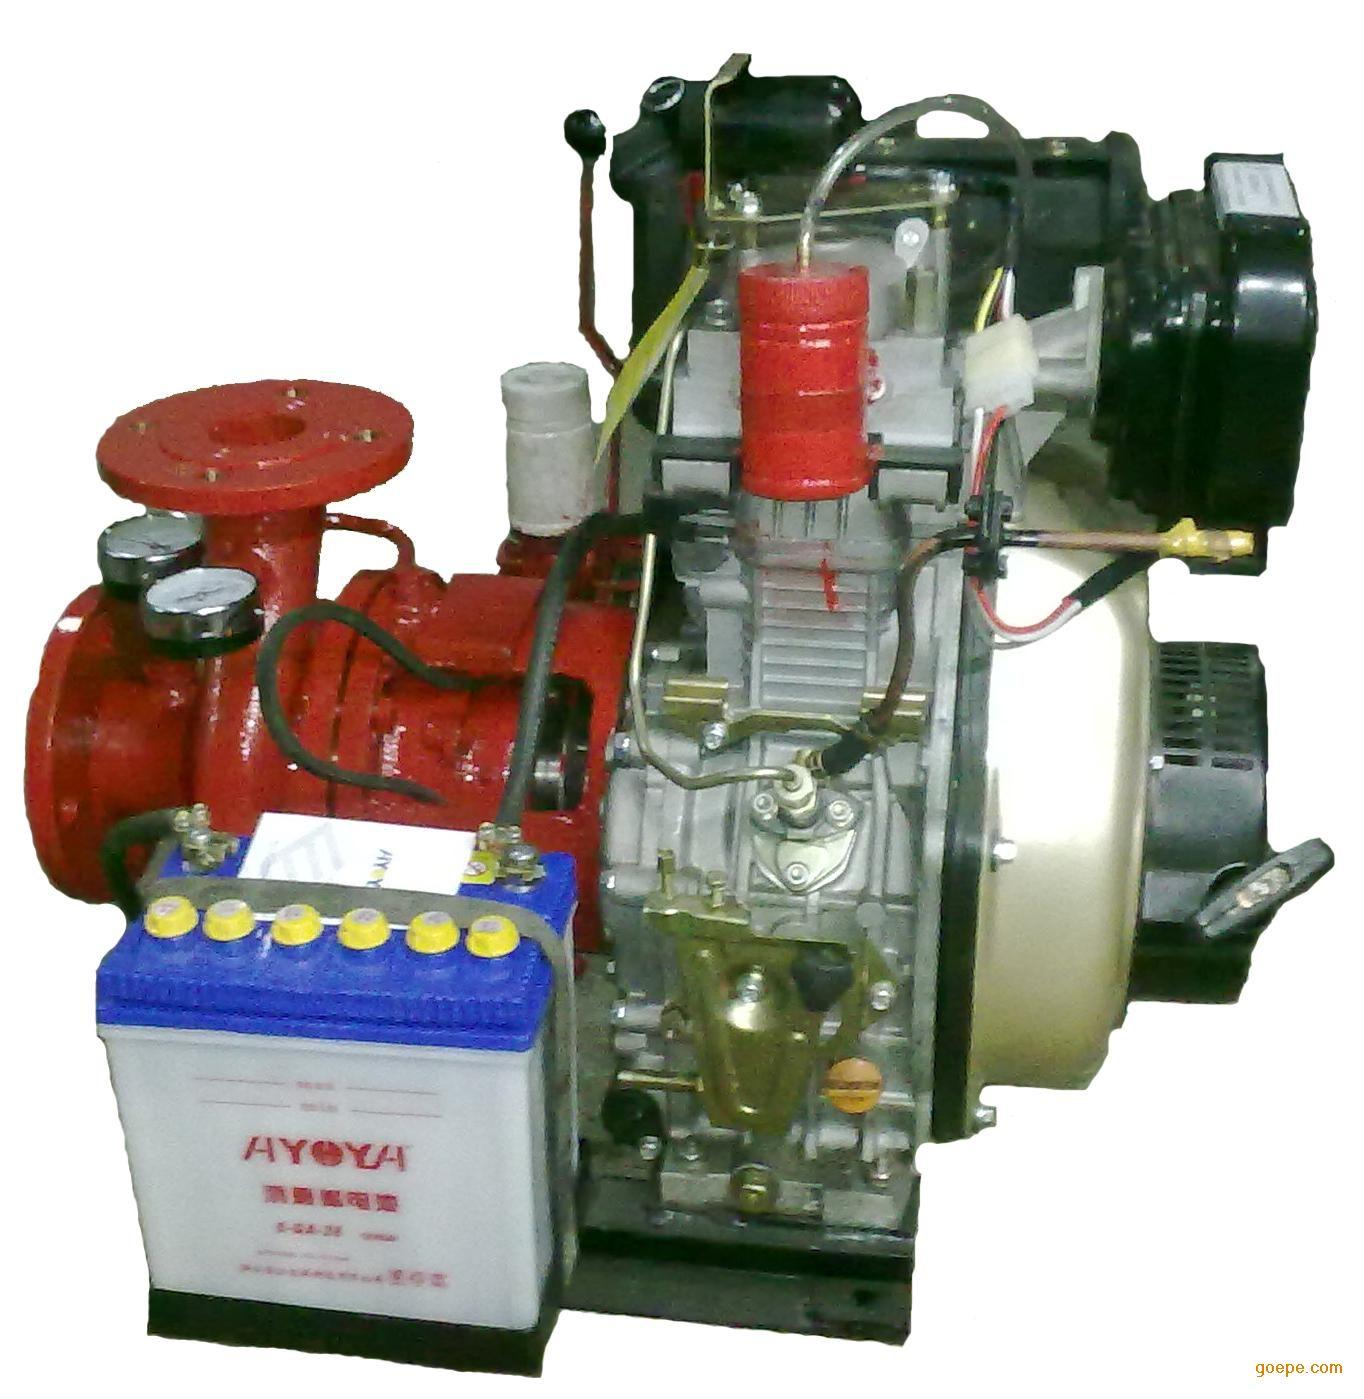 产品描述:     cwy型船用柴油机应急消防泵,其结构